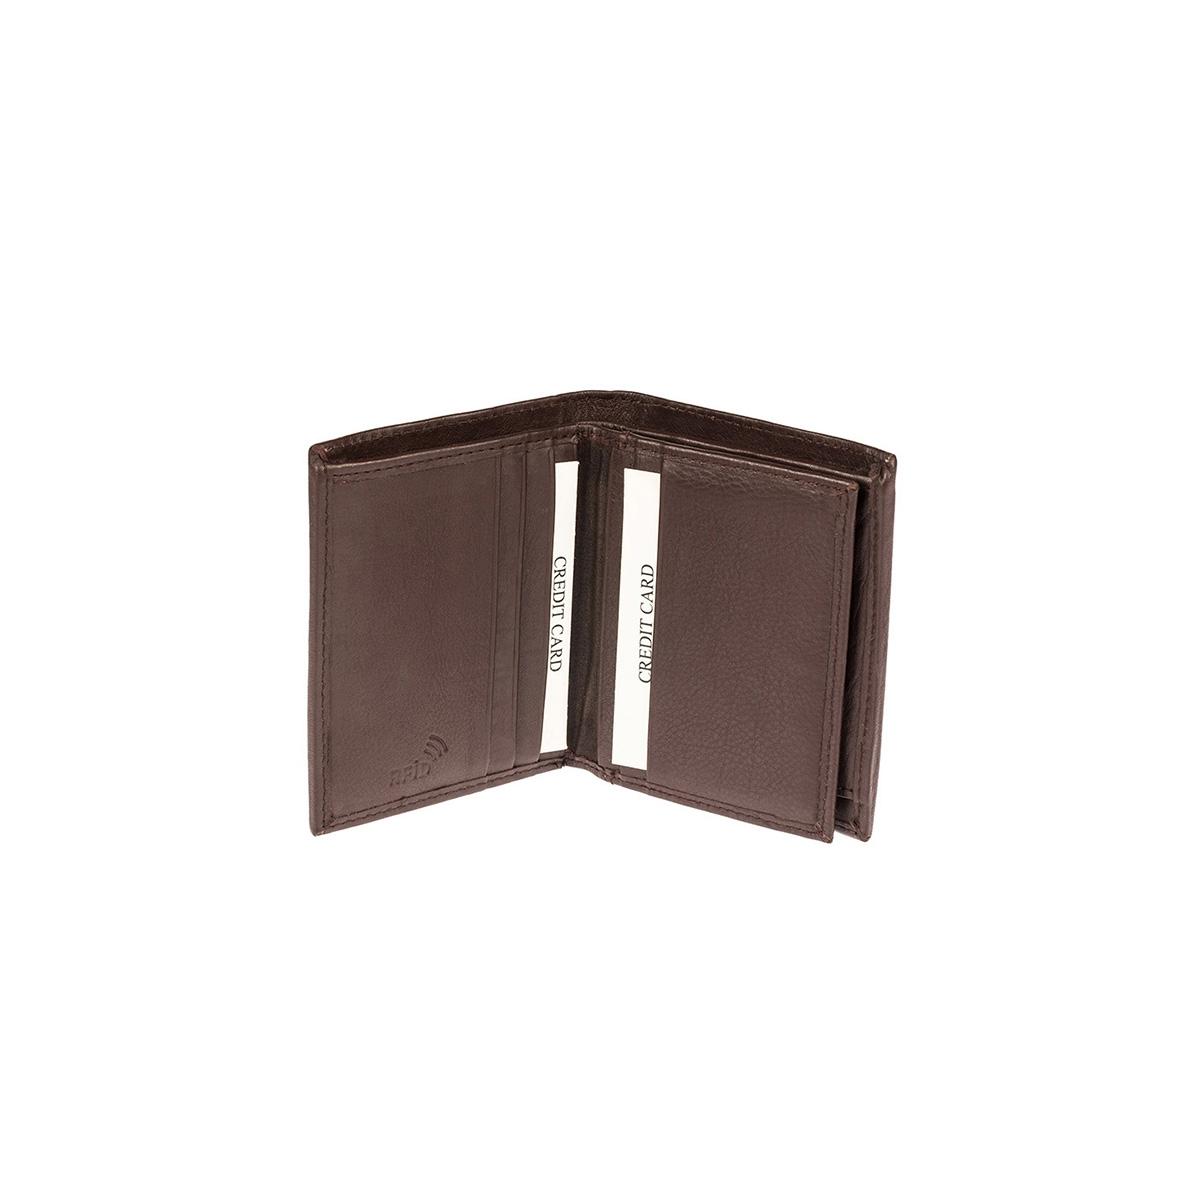 c671a5fe67 Δερμάτινο Πορτοφόλι Μικρό Όρθιο Lavor RFID 7125 Καφέ Σοκολατί ...